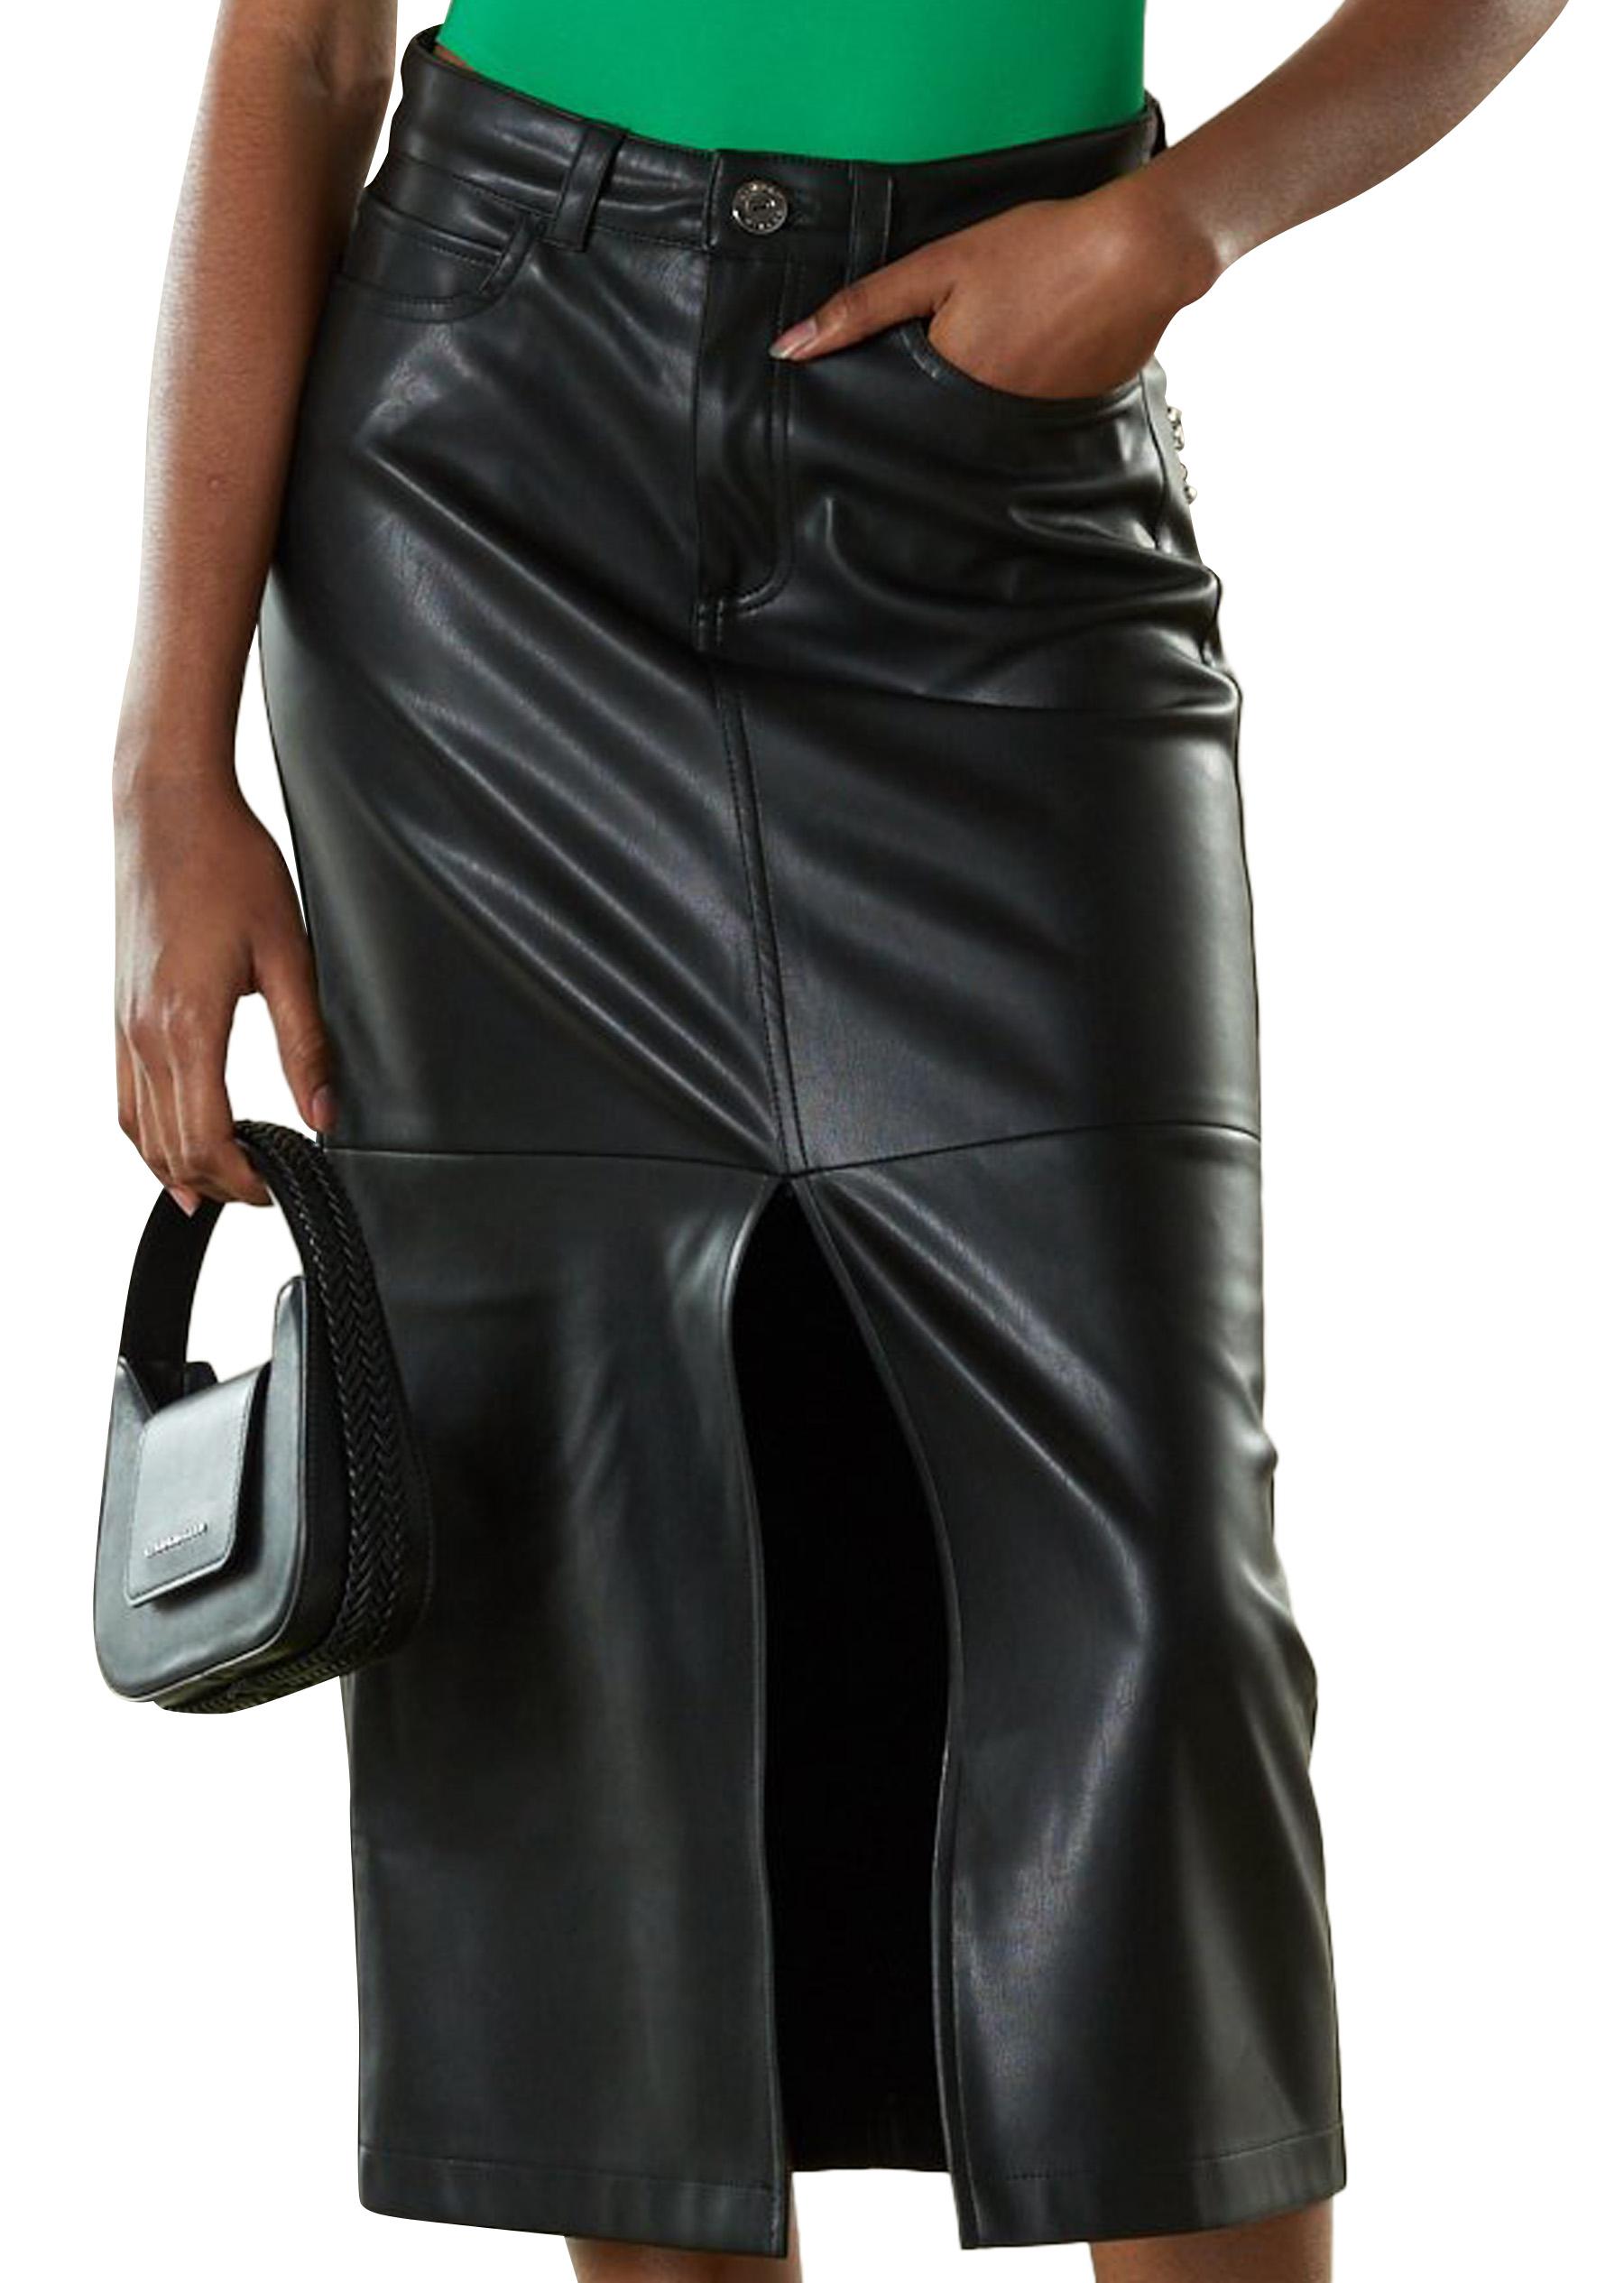 VEGAN LEATHER Kahn Skirt in Black by Simon Miller - 1